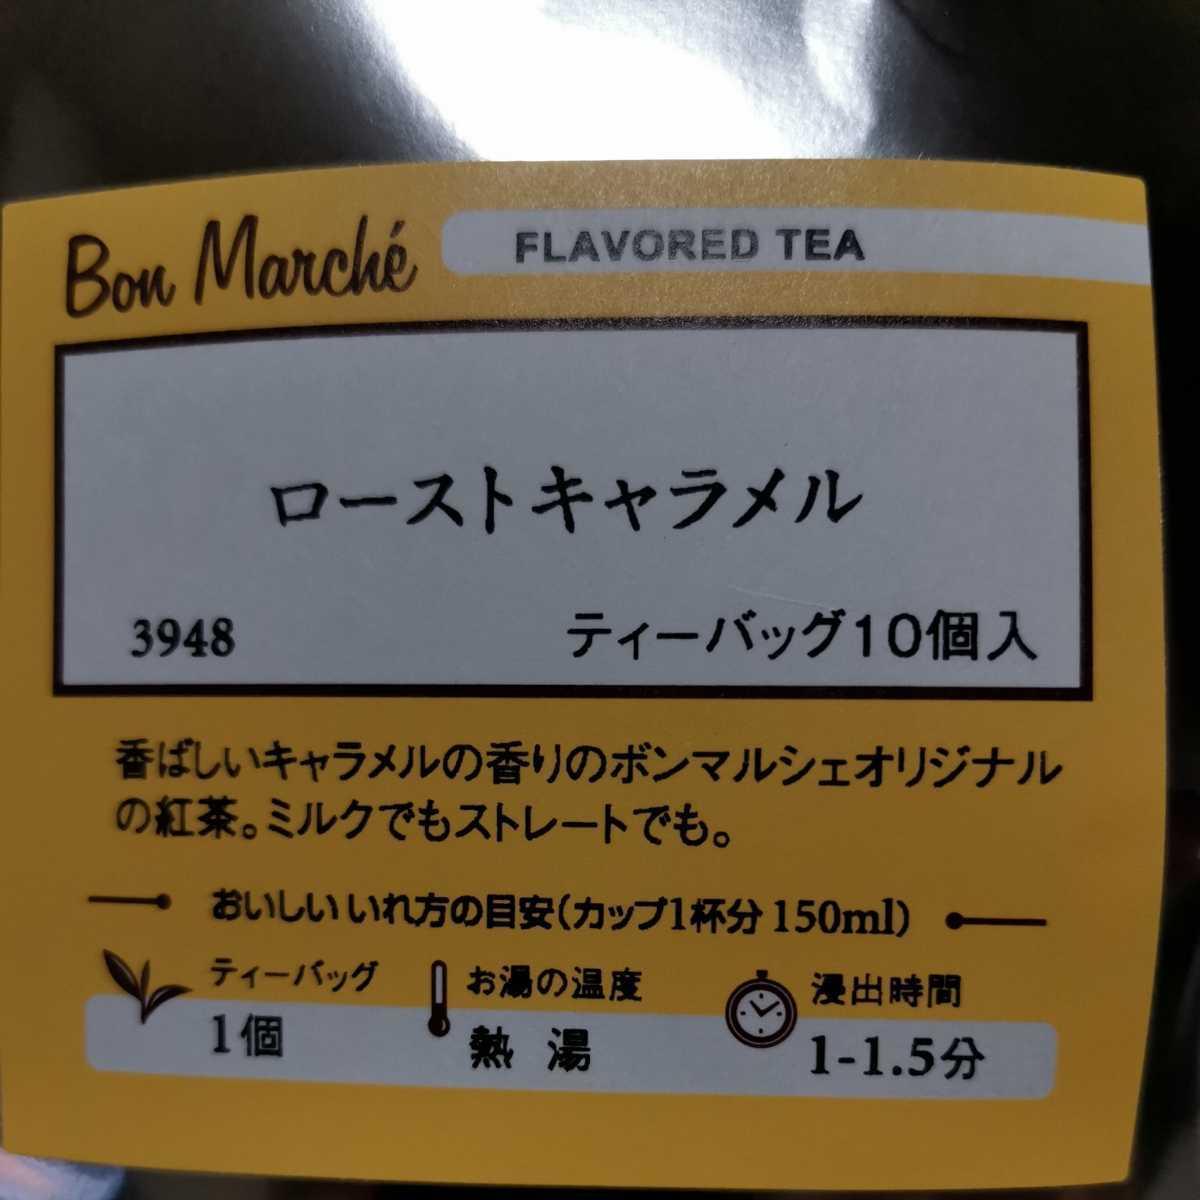 甘い香りの紅茶 ルピシア ローストキャラメル 手軽に飲める ティーバッグタイプ ミルクティーでも美味しい